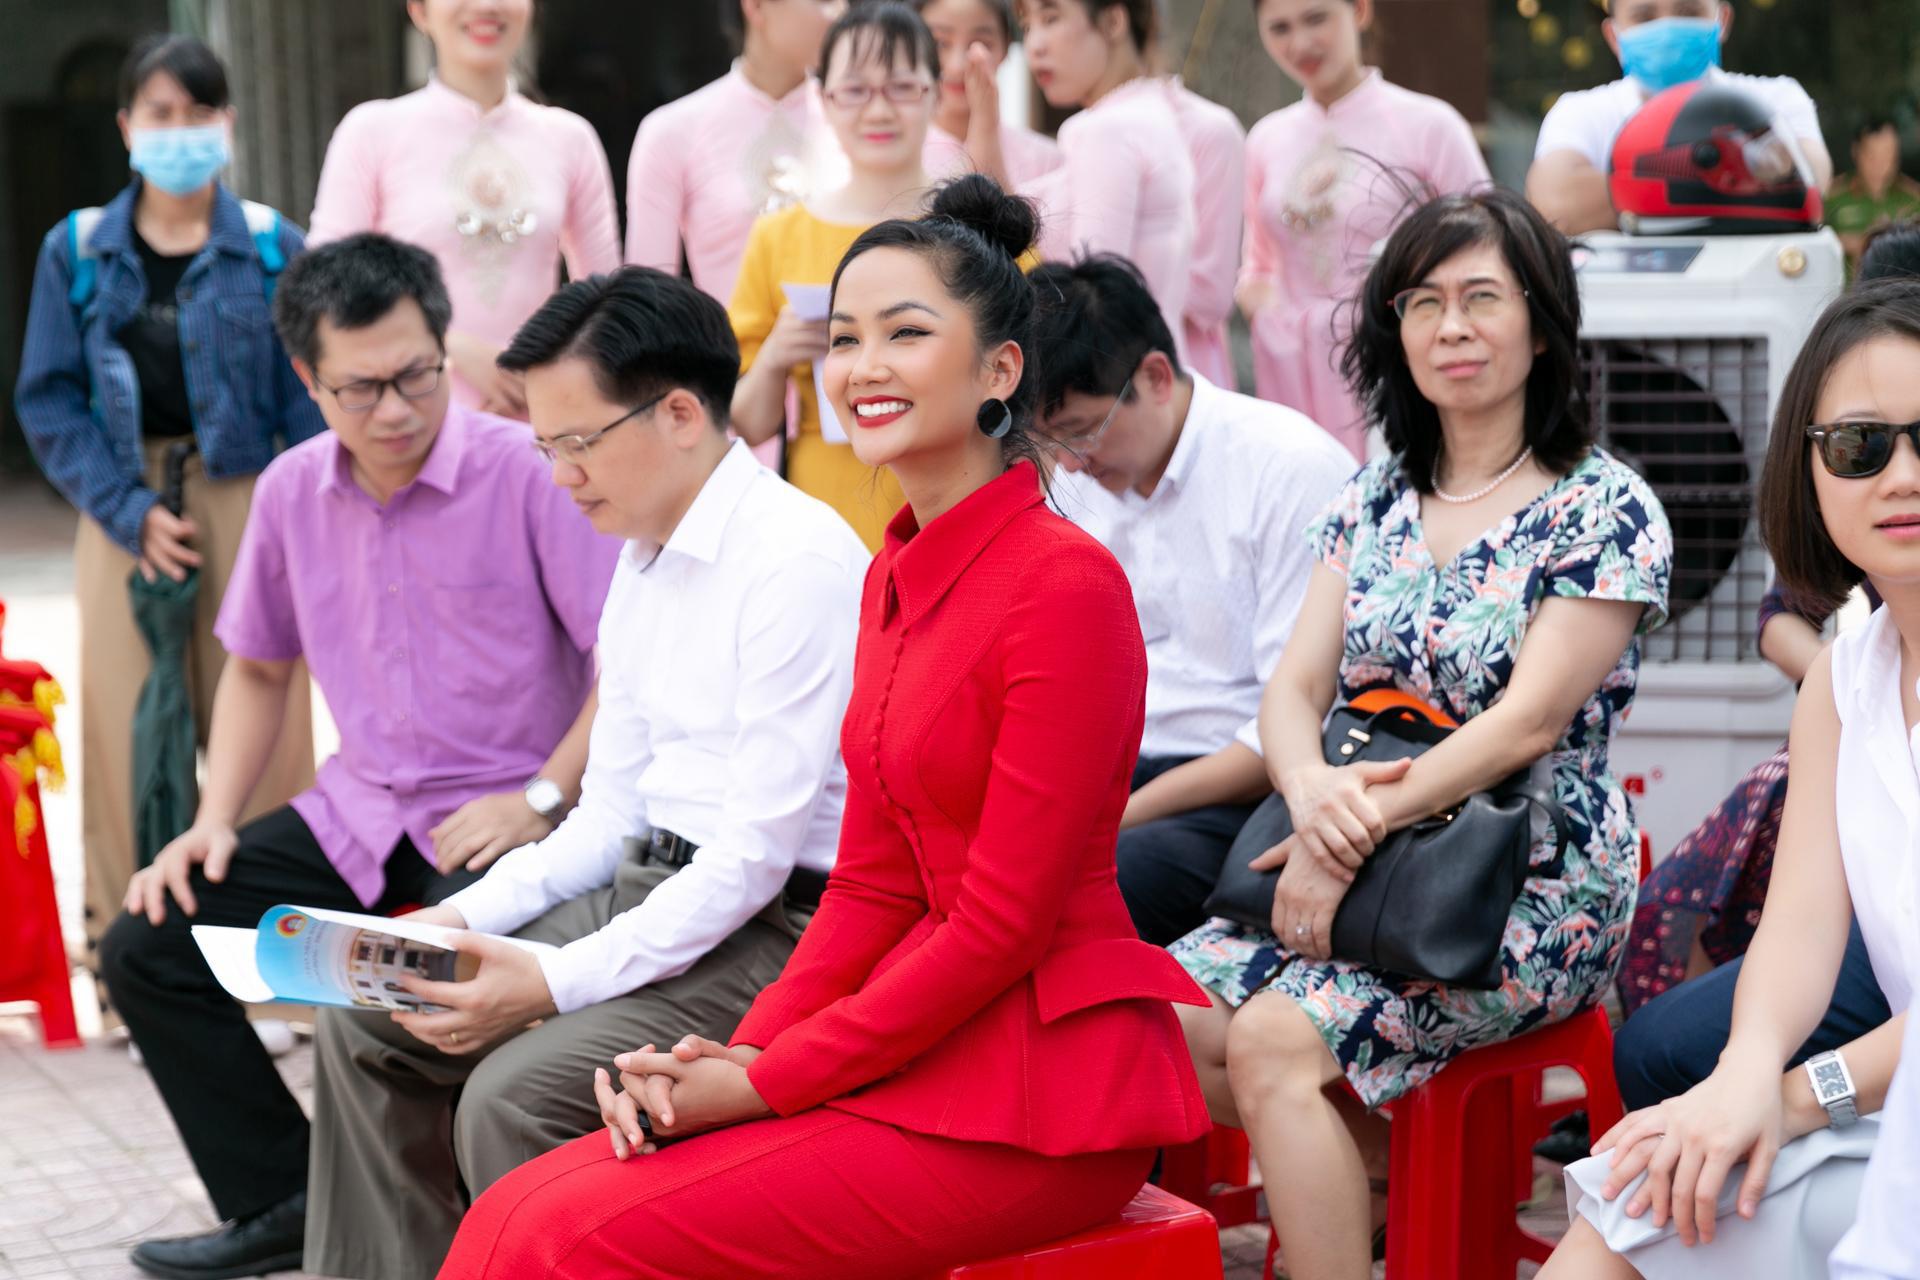 """Hoa hậu H'Hen Niê diện """"cây đỏ"""" khoe vóc dáng chuẩn - Ảnh 2."""